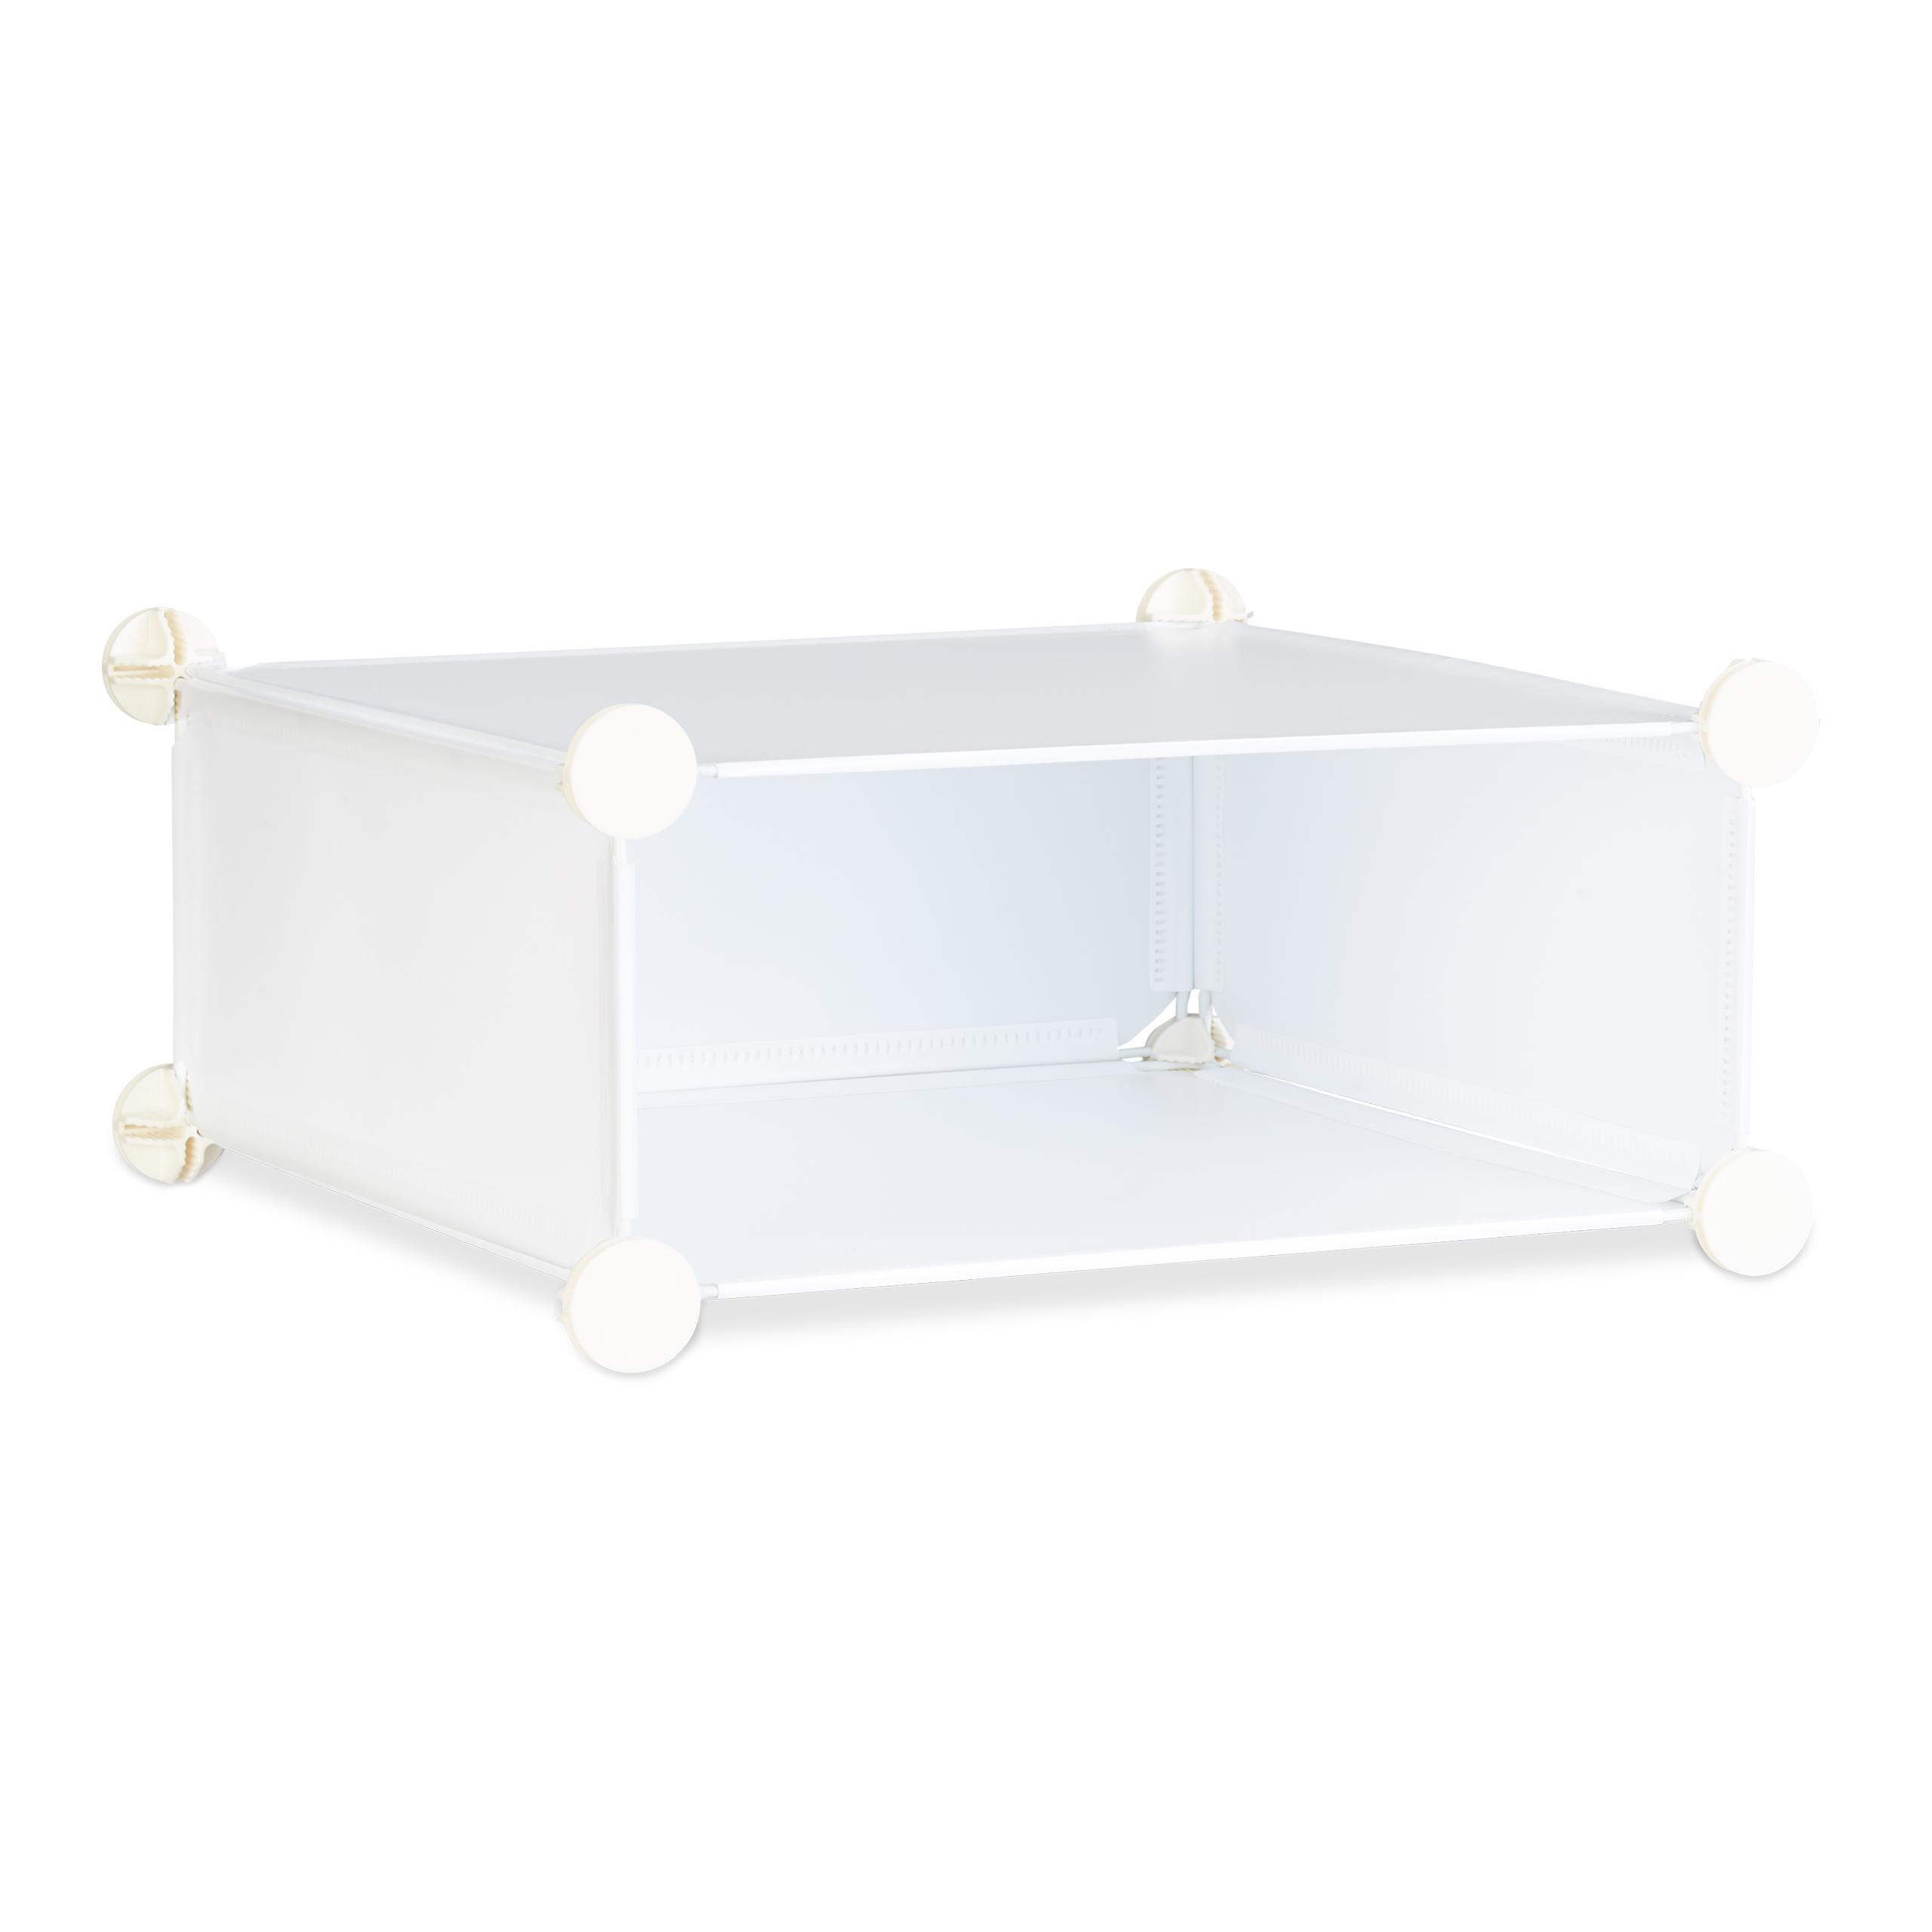 schuhschrank 10 f cher schuhregal gro regalsystem mit t ren steckregal diy xxl ebay. Black Bedroom Furniture Sets. Home Design Ideas